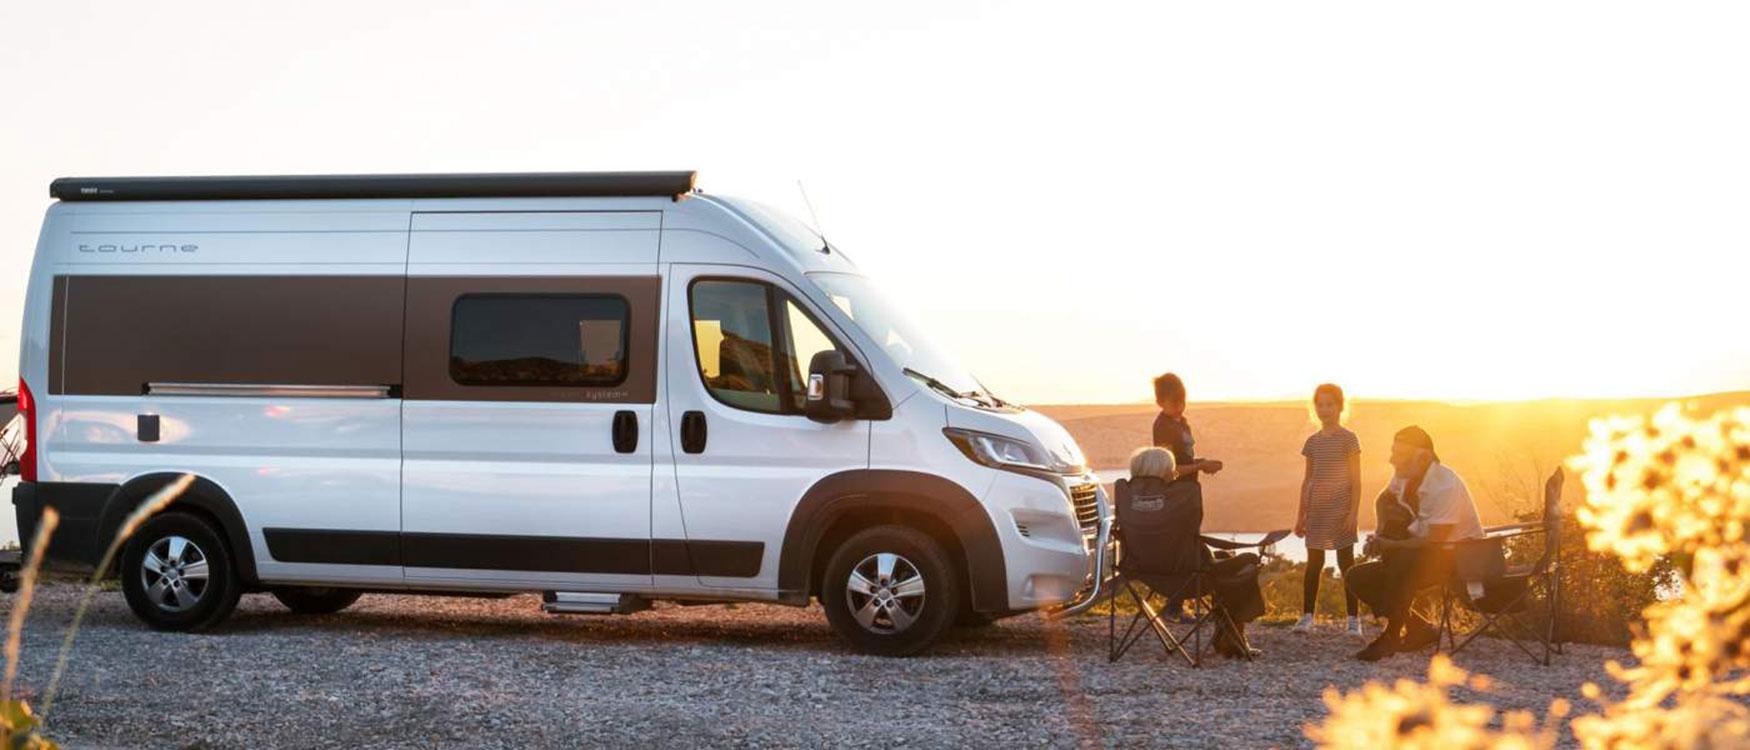 Campervan kaufen:  Der Weg zum eigenen Wohnmobil (mit Tipps & warum ich nicht selbst ausbaue)